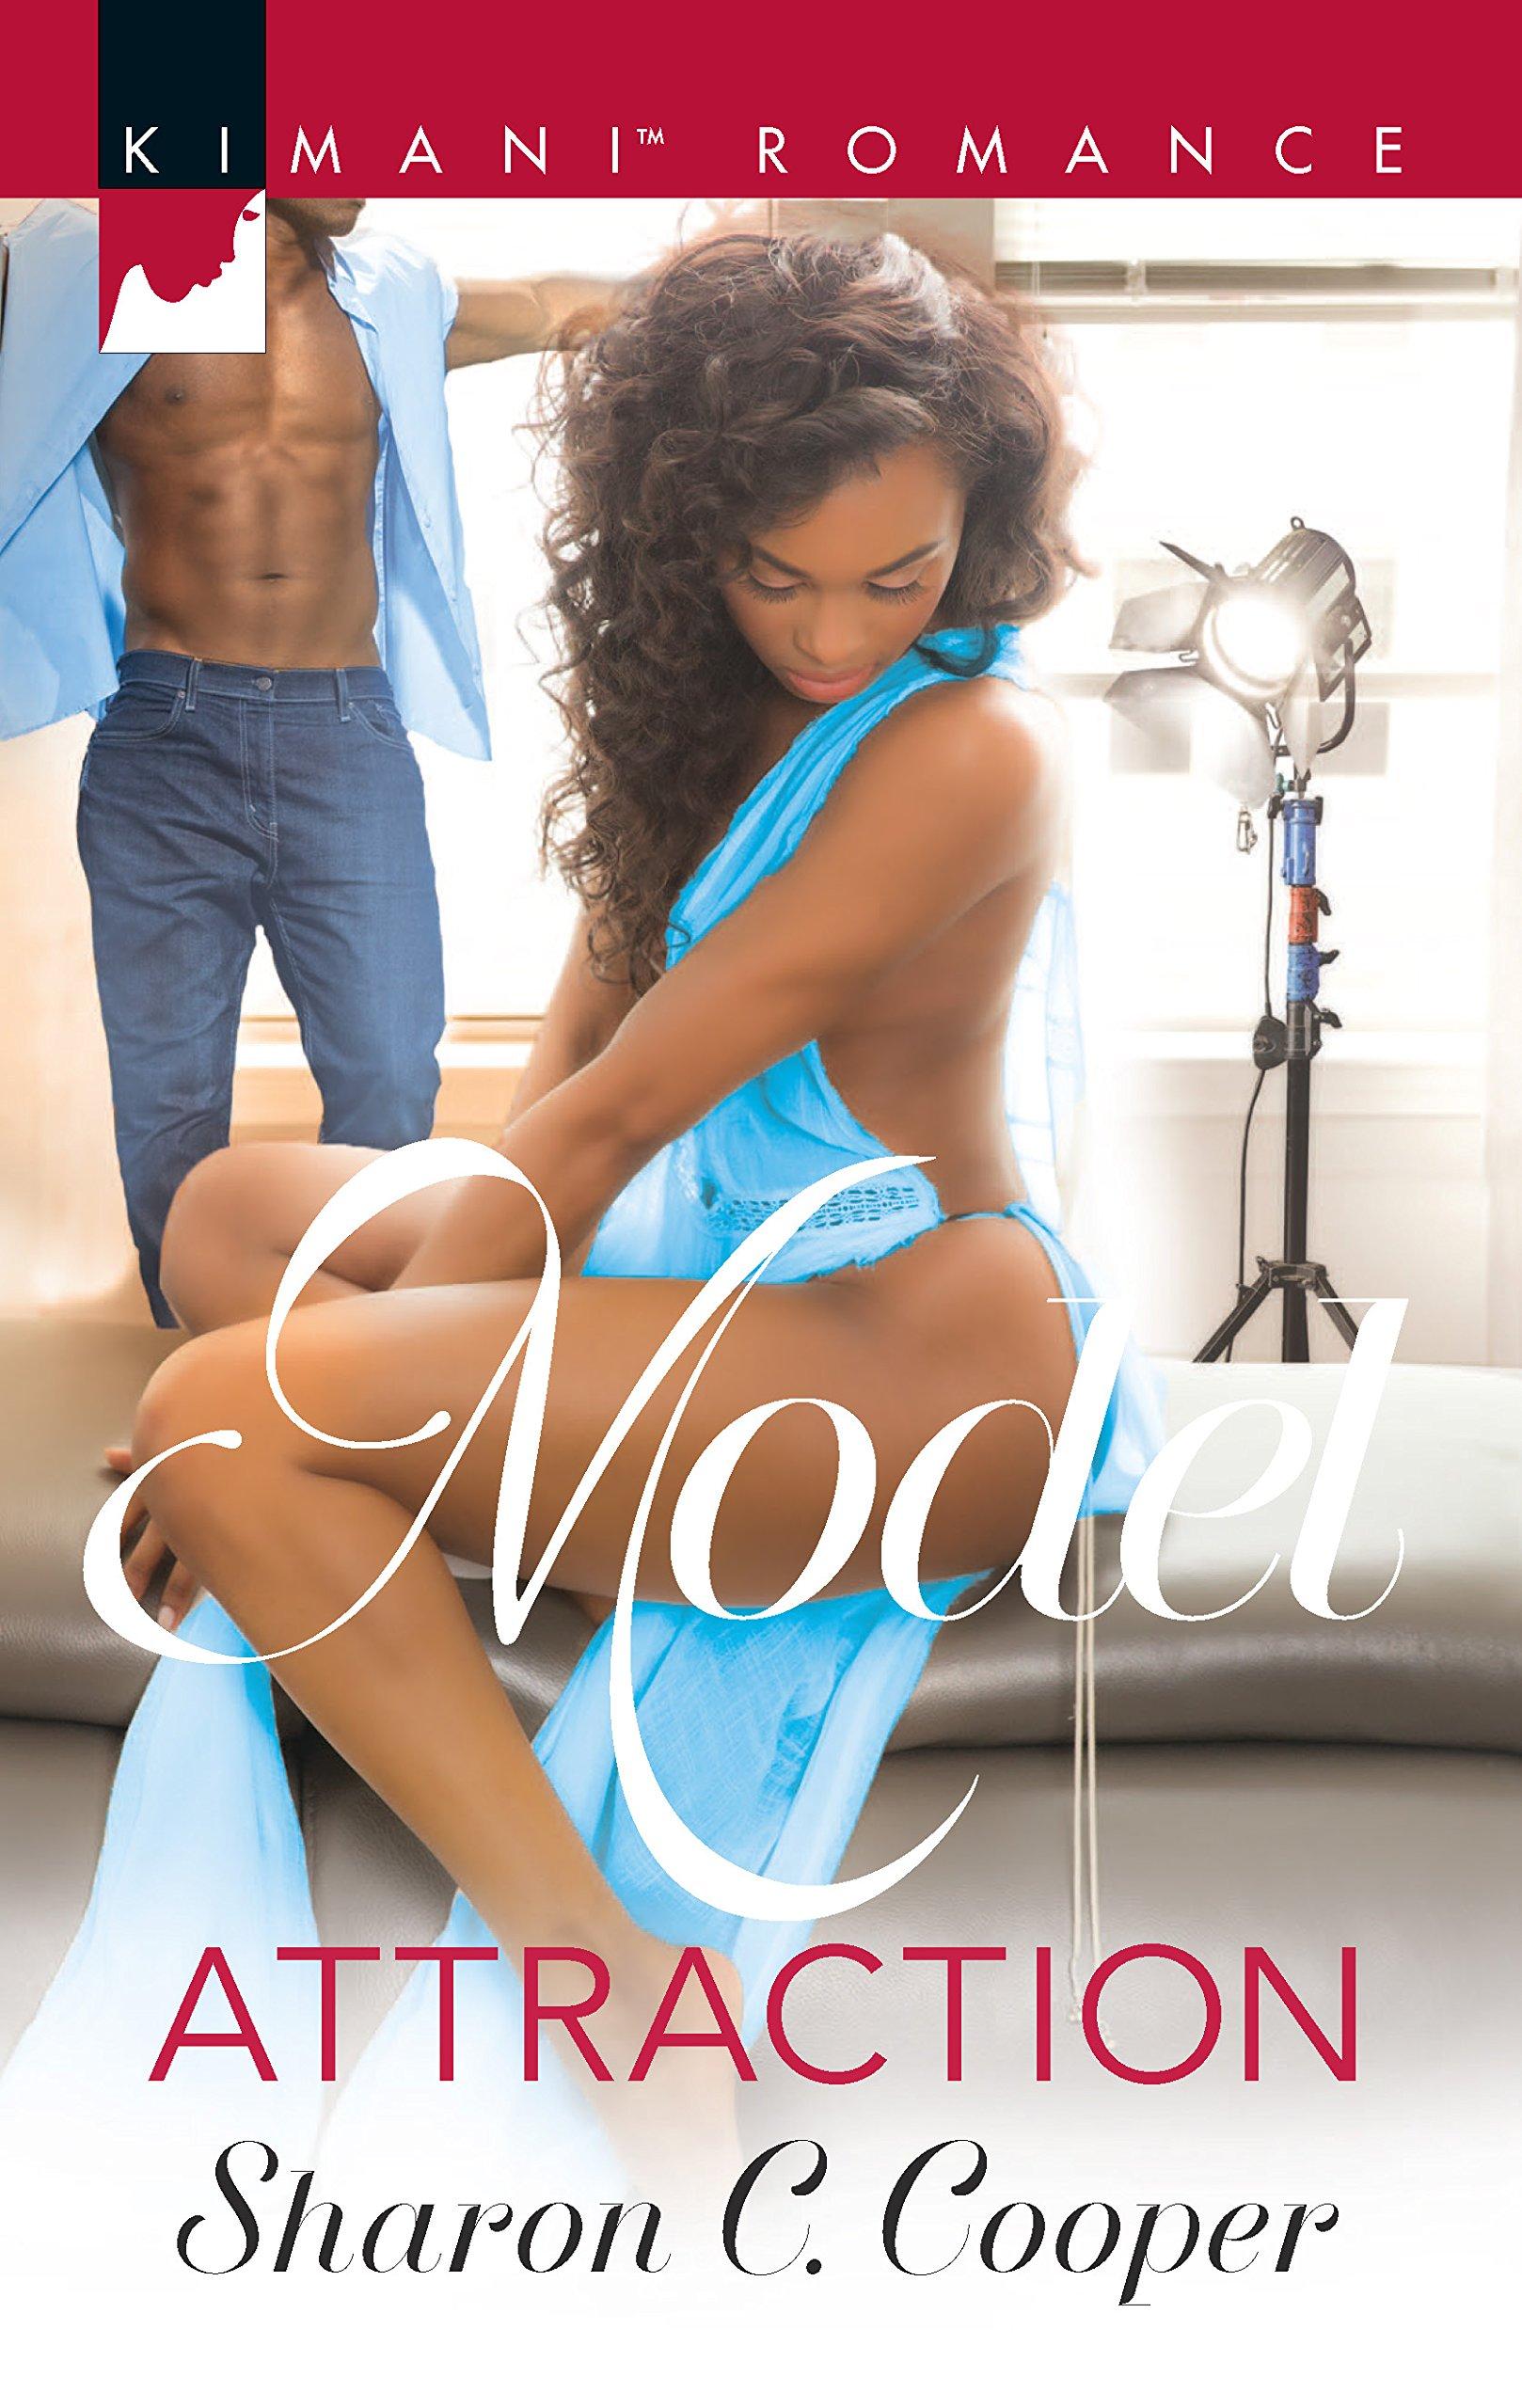 Amazon.com: Model Attraction (Kimani Romance) (9780373864485): Sharon C.  Cooper: Books